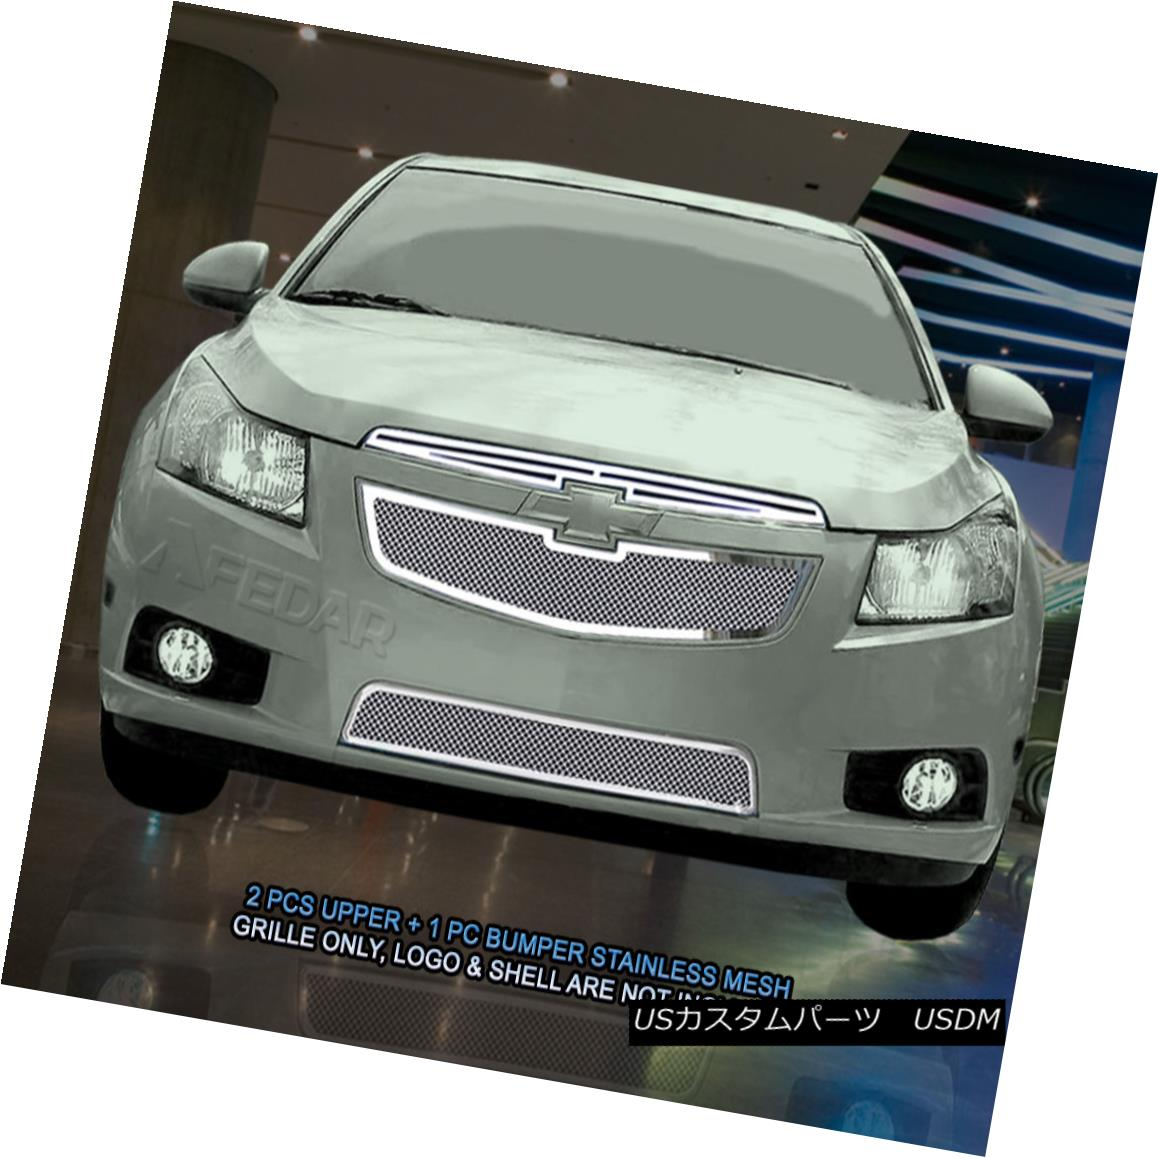 グリル 2011-2014 Chevy Cruze LT RS/LTZ RS Stainless Steel Mesh Grille Combo Fedar 2011-2014シボレークルーズLT RS / LTZ RSステンレスメッシュグリルコンボ・フェルダ